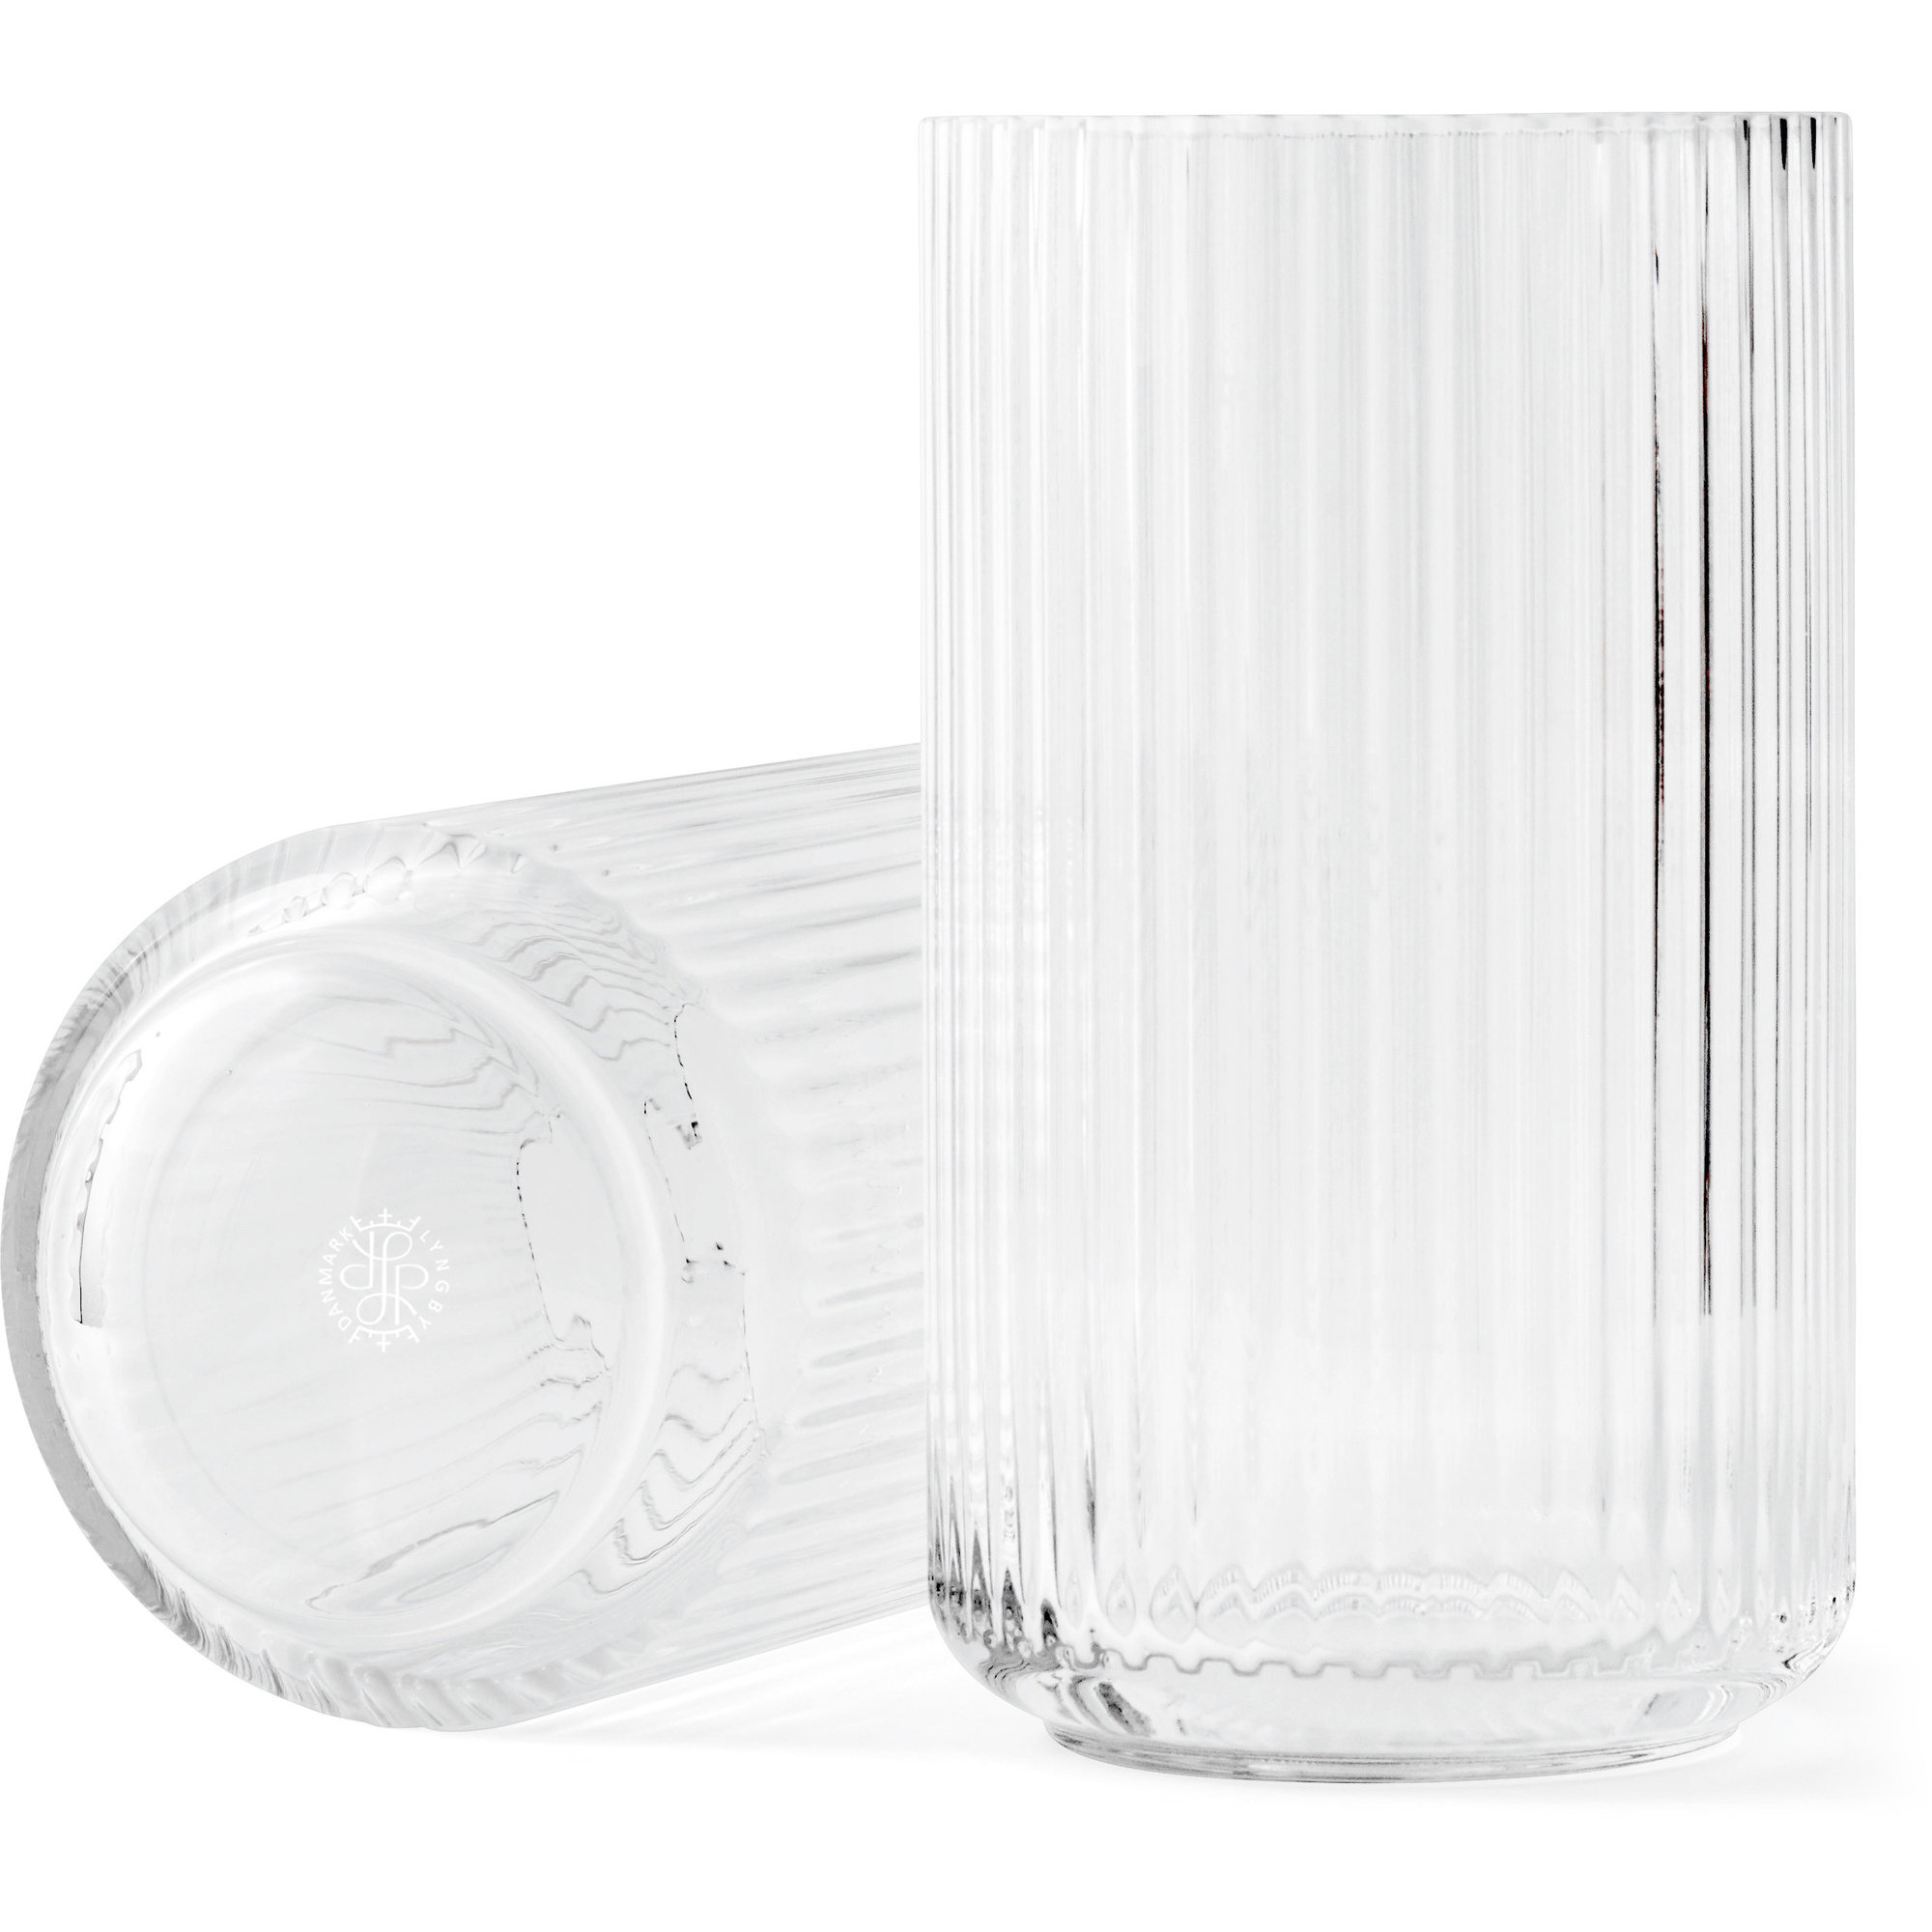 Lyngby Porcelæn Lyngbyvasen 25 cm. glas